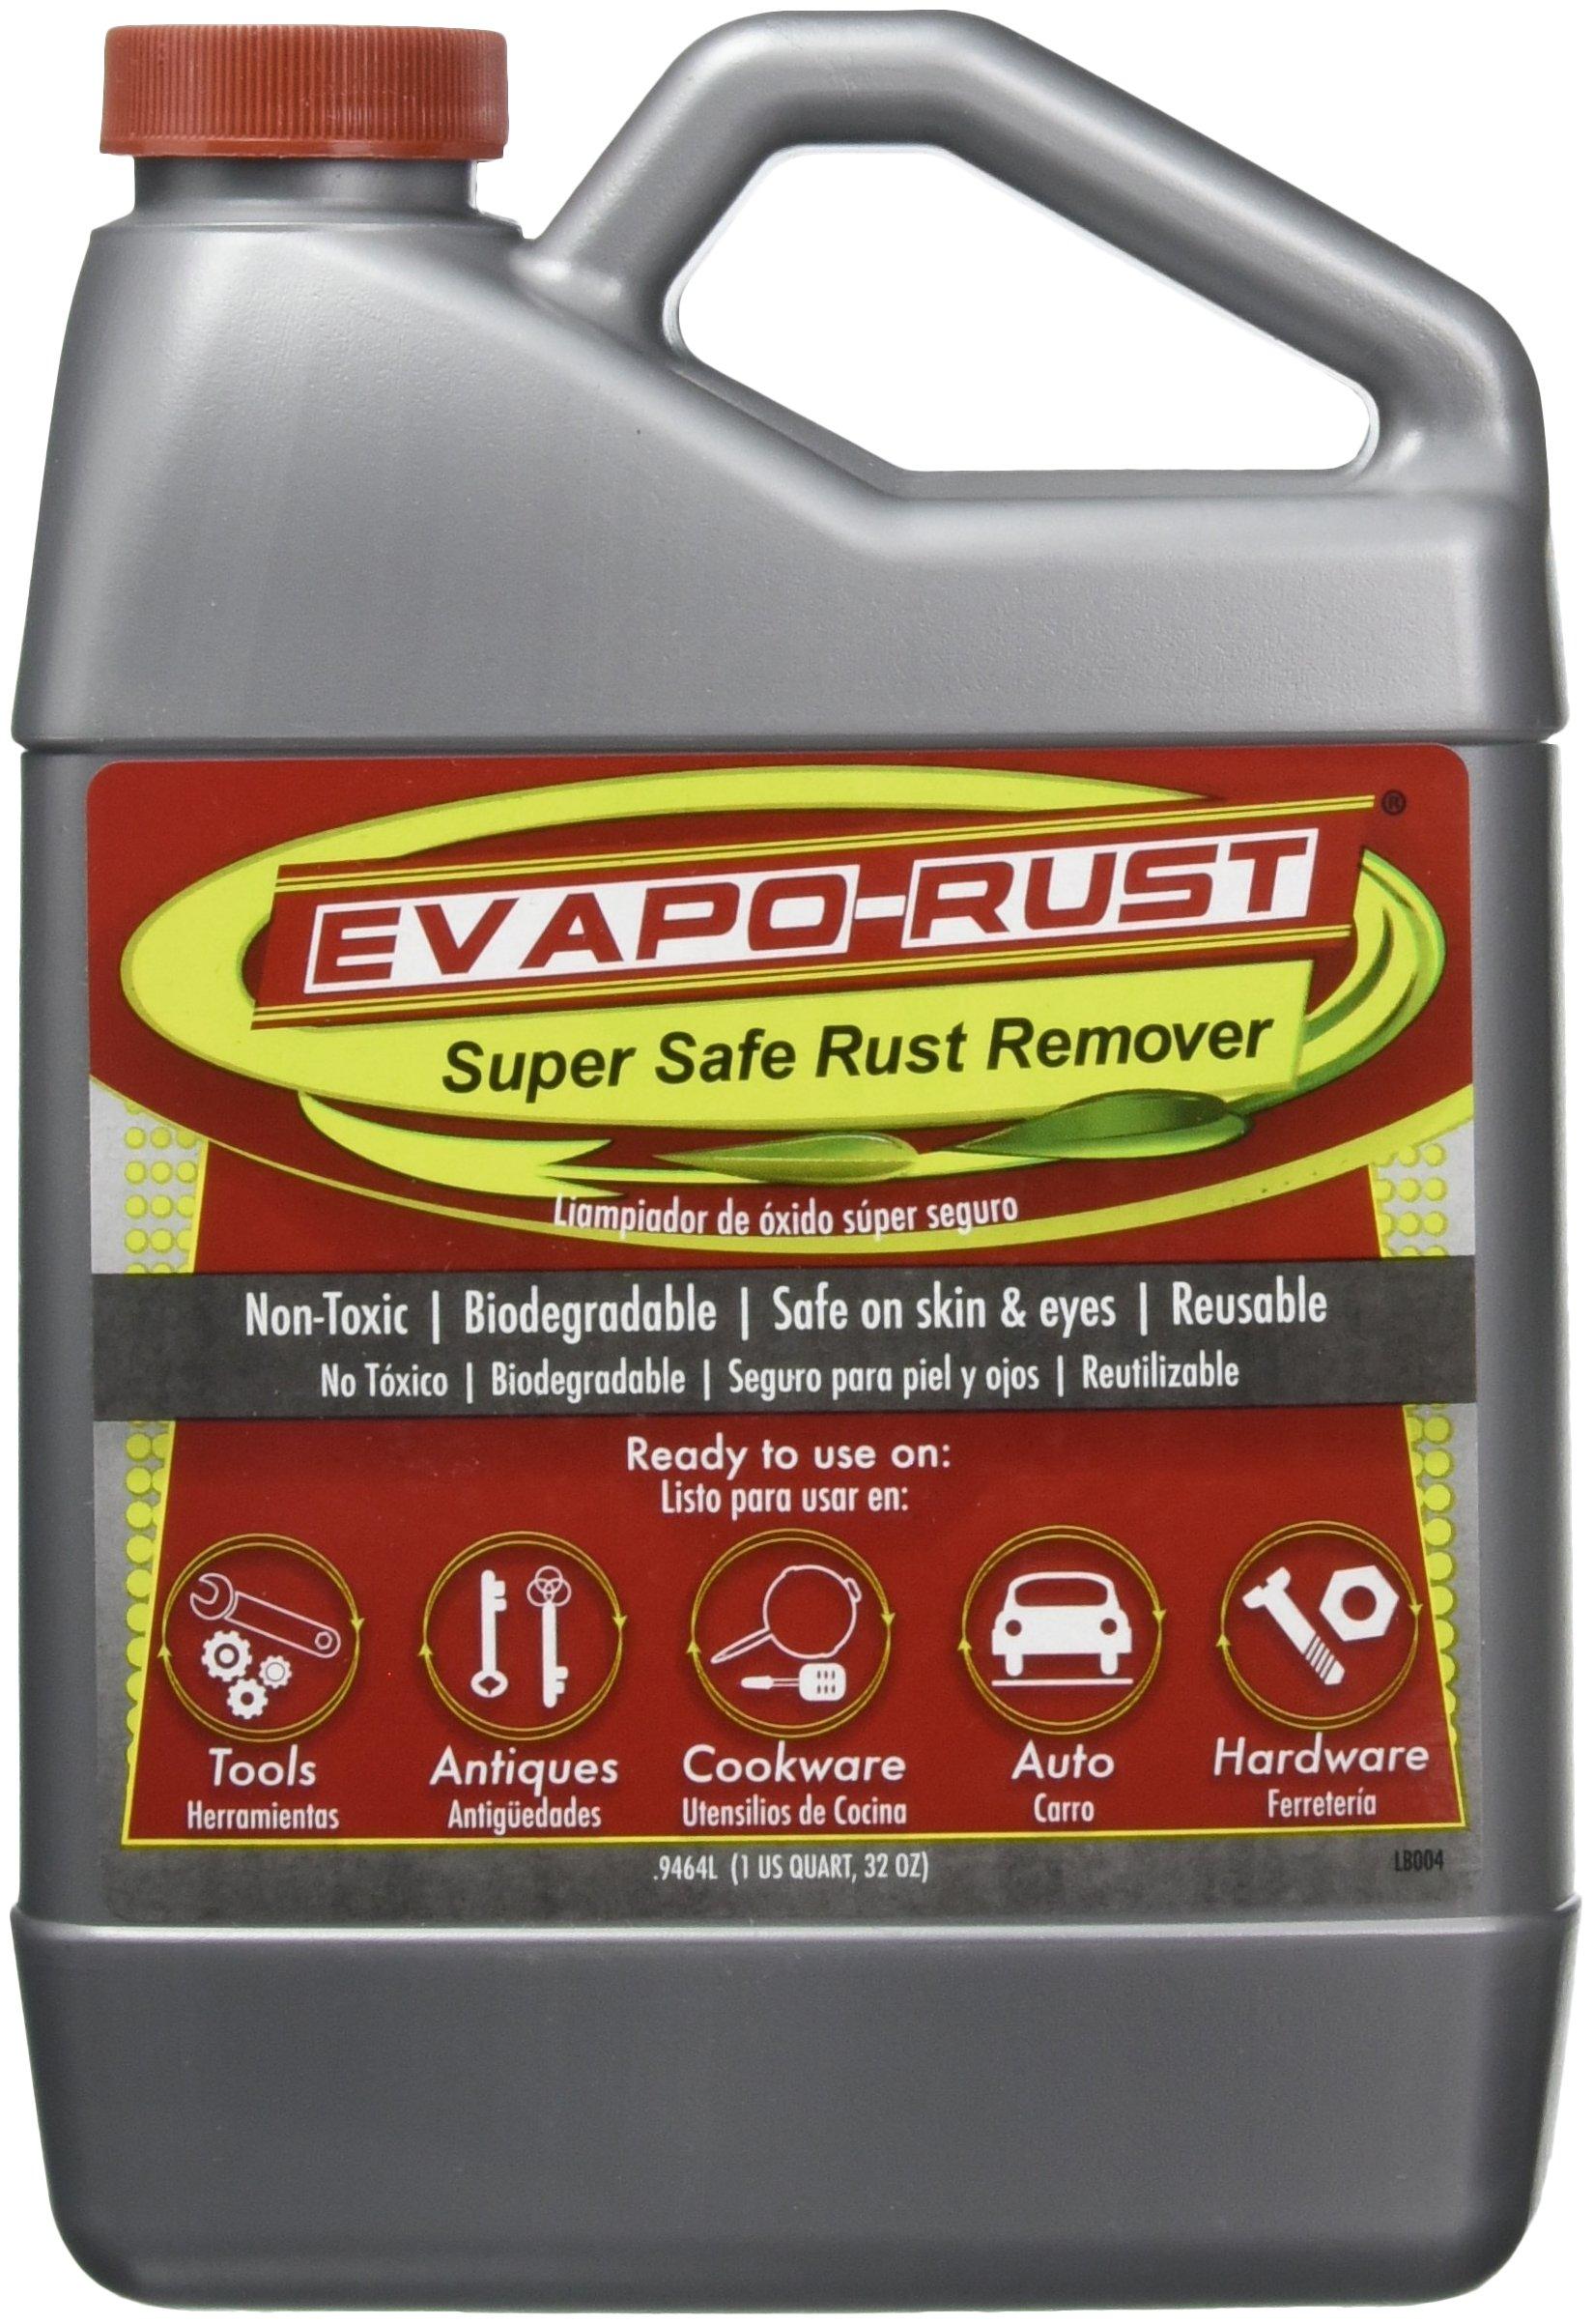 Evapo-Rust EVAER004 Rust Remover (EVAPO-RUSTâ''¢, Case of 4-1 Quart Bottles)